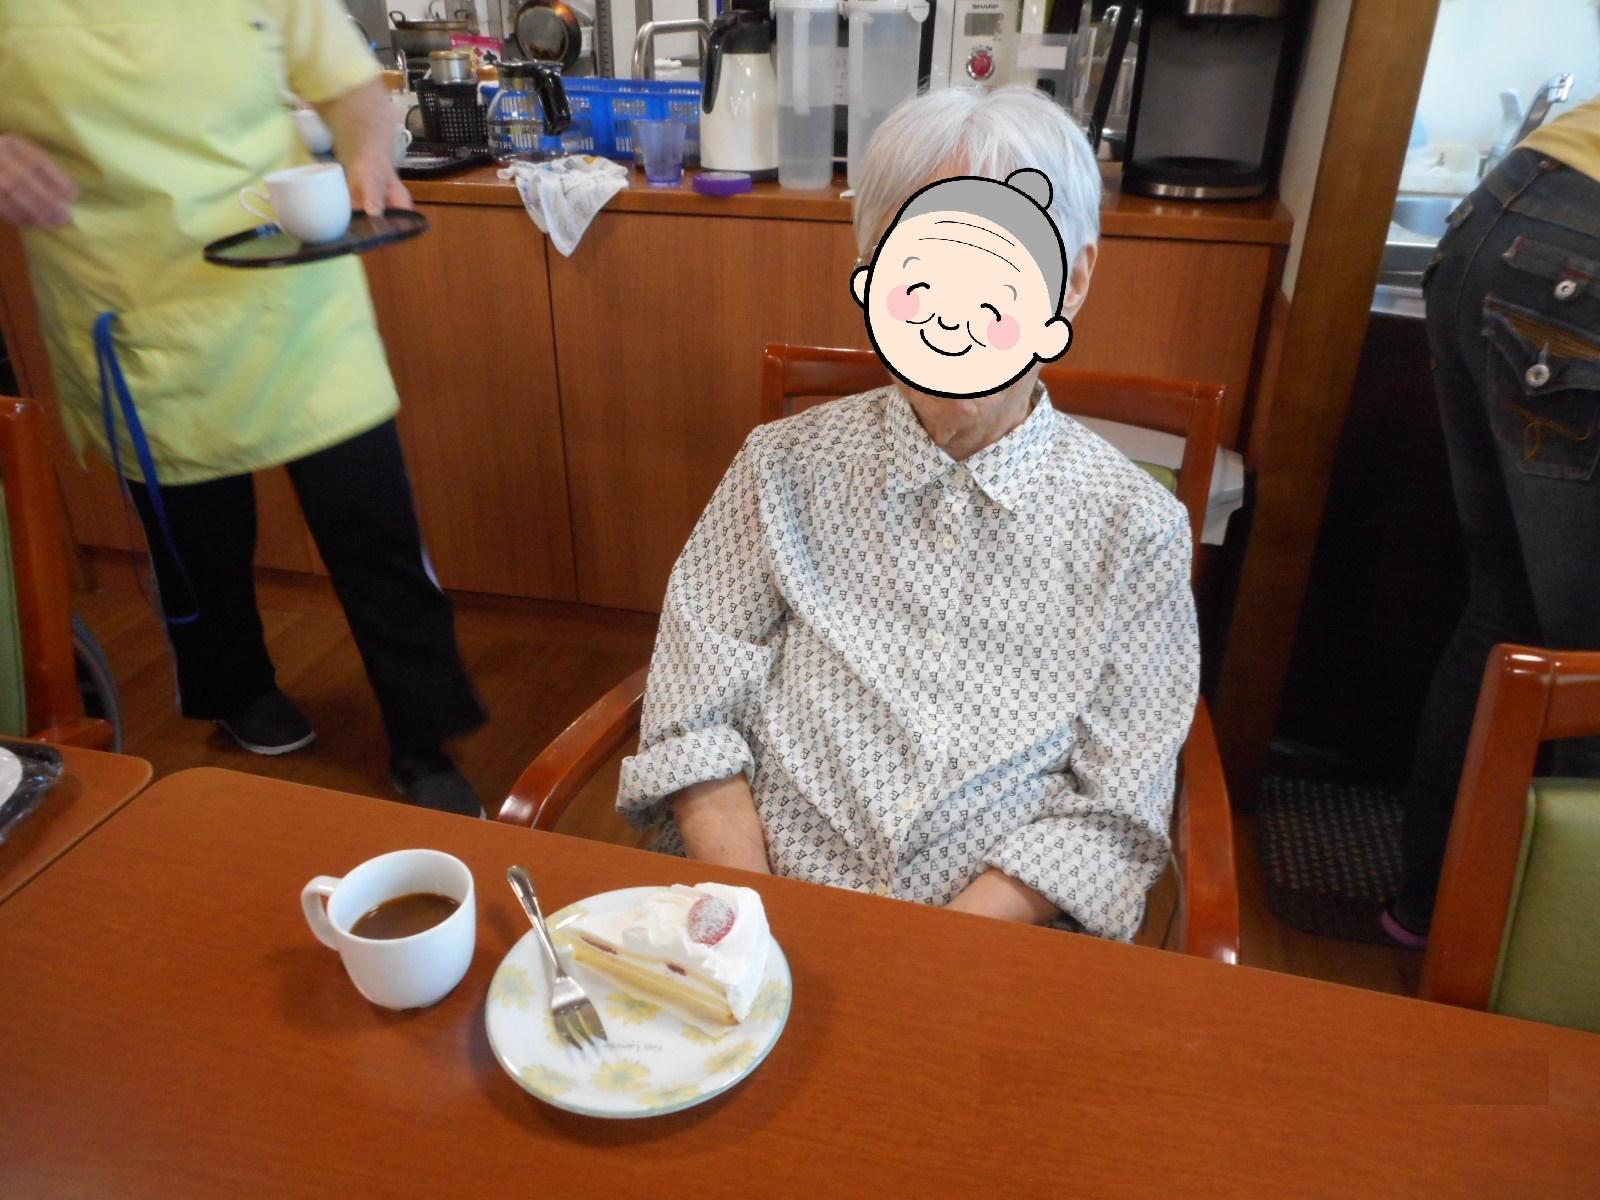 8月 誕生日会(介護付有料老人ホームゆたか)